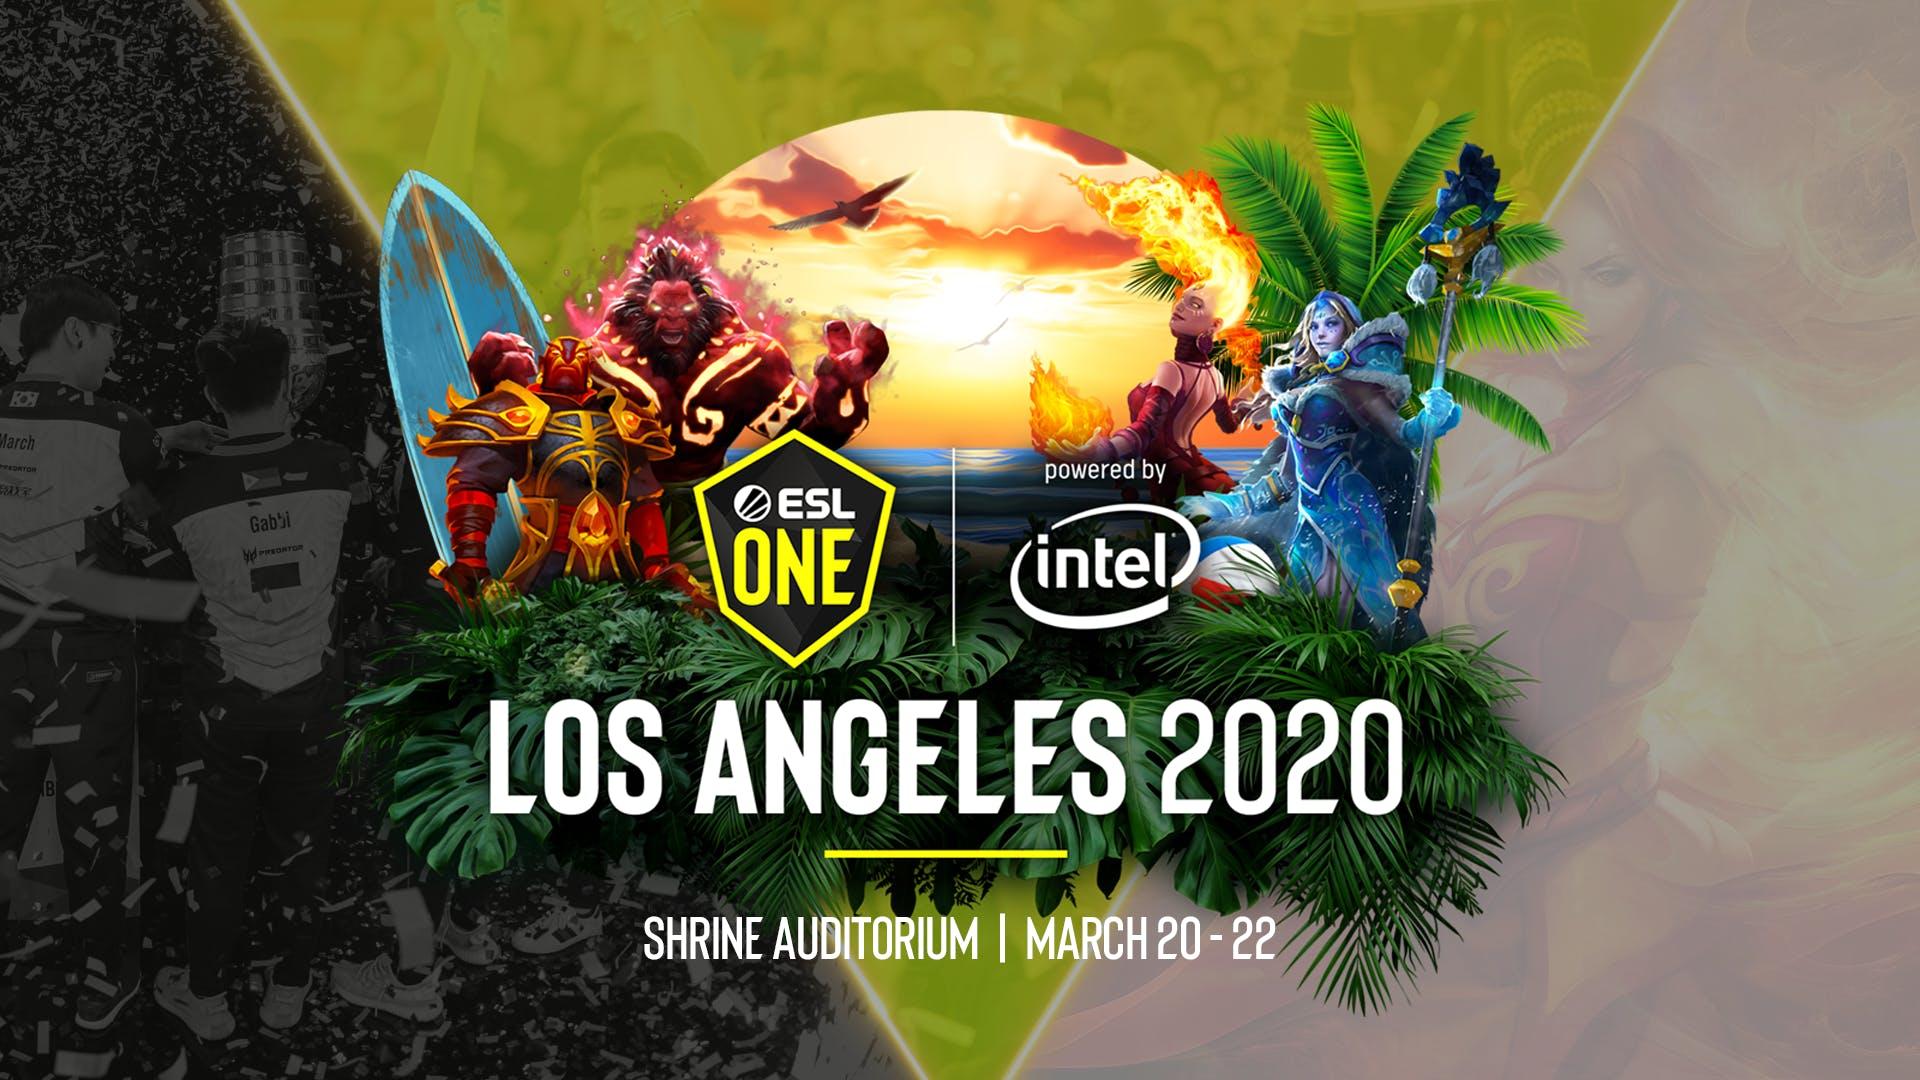 fim das qualificatórias para a ESL One Los Angeles